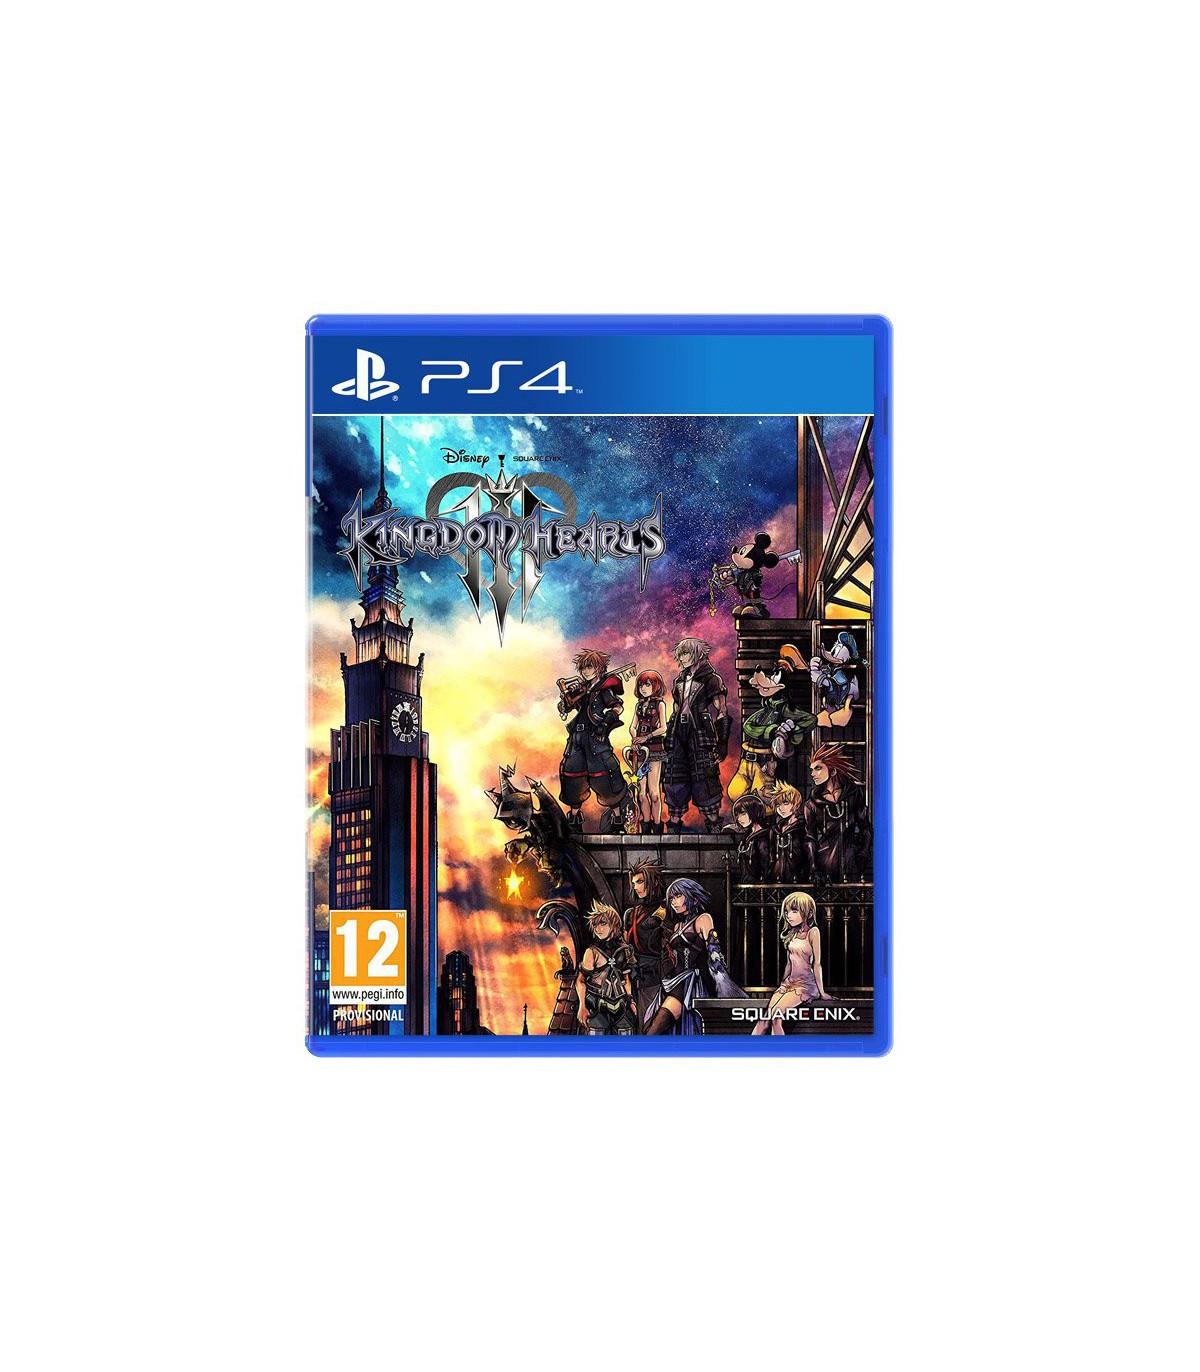 بازی Kingdom Hearts 3 کارکرده - پلی استیشن 4